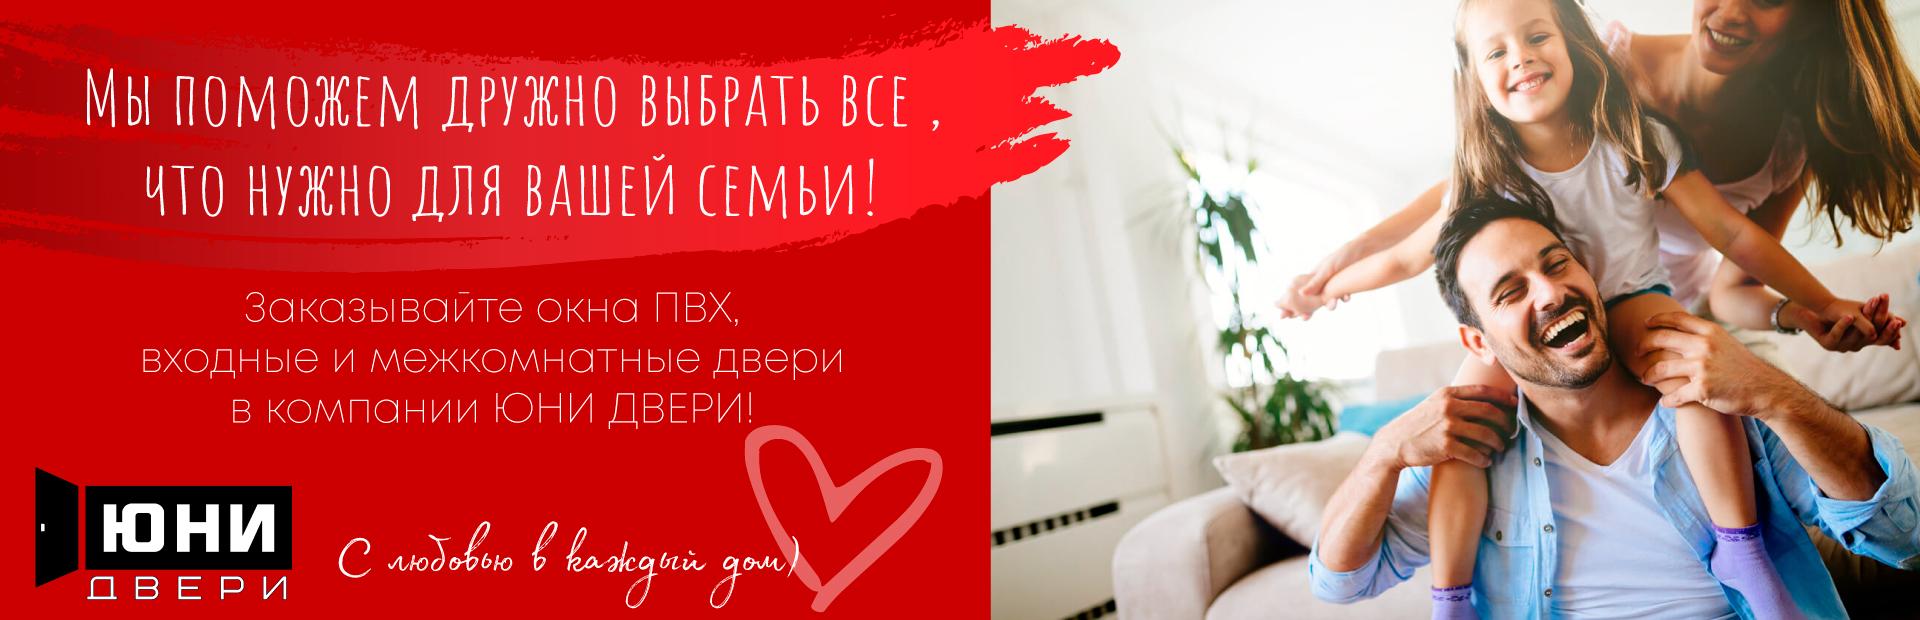 ЮНИ ДВЕРИ